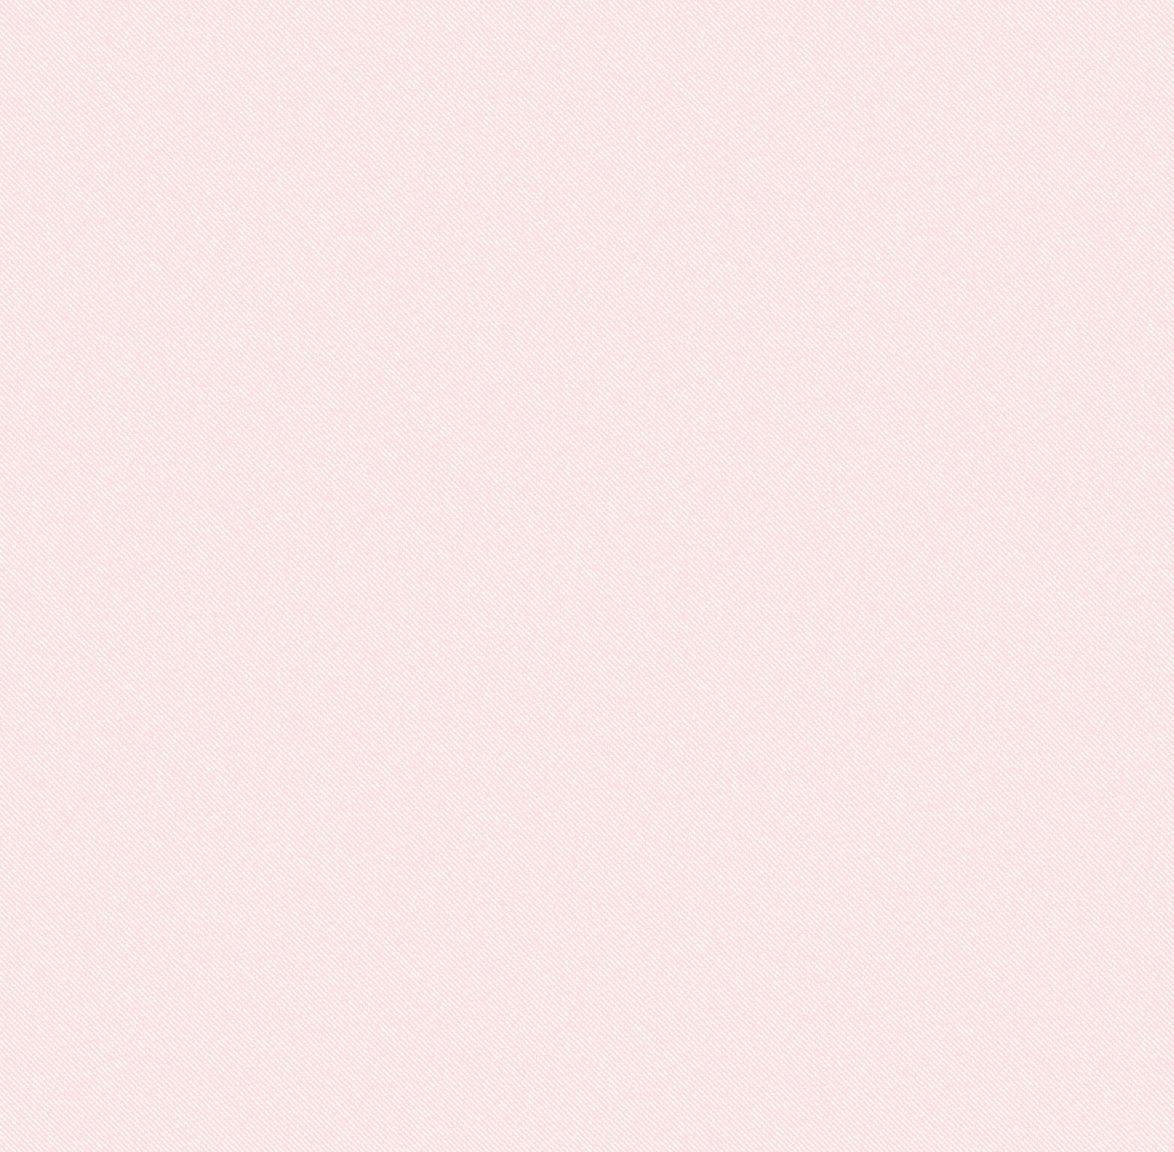 Papel de Parede Infantil Bobinex Coleção Brincar Liso Rosa